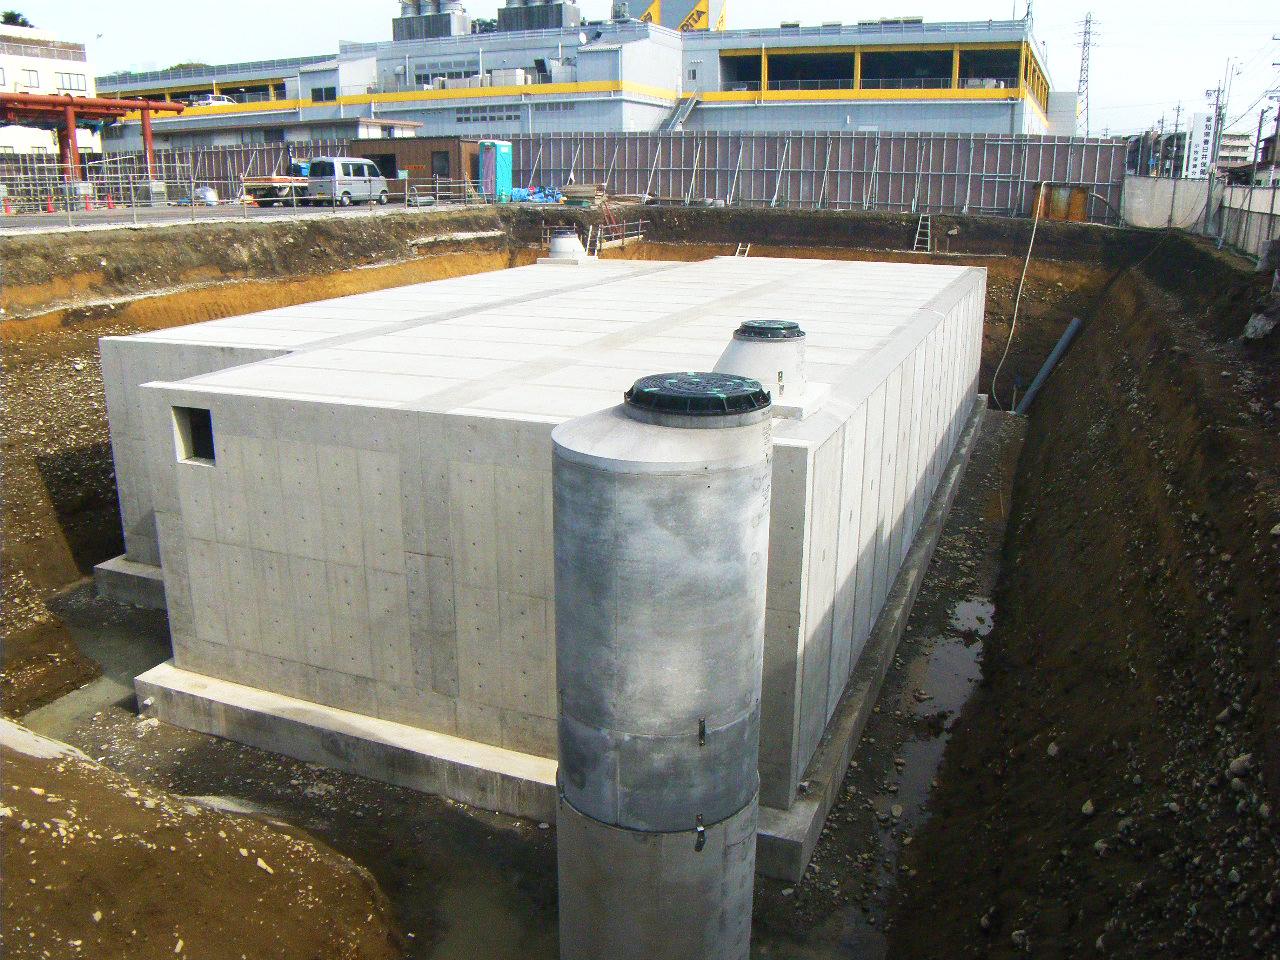 雨水貯留施設整備工事 小牧市